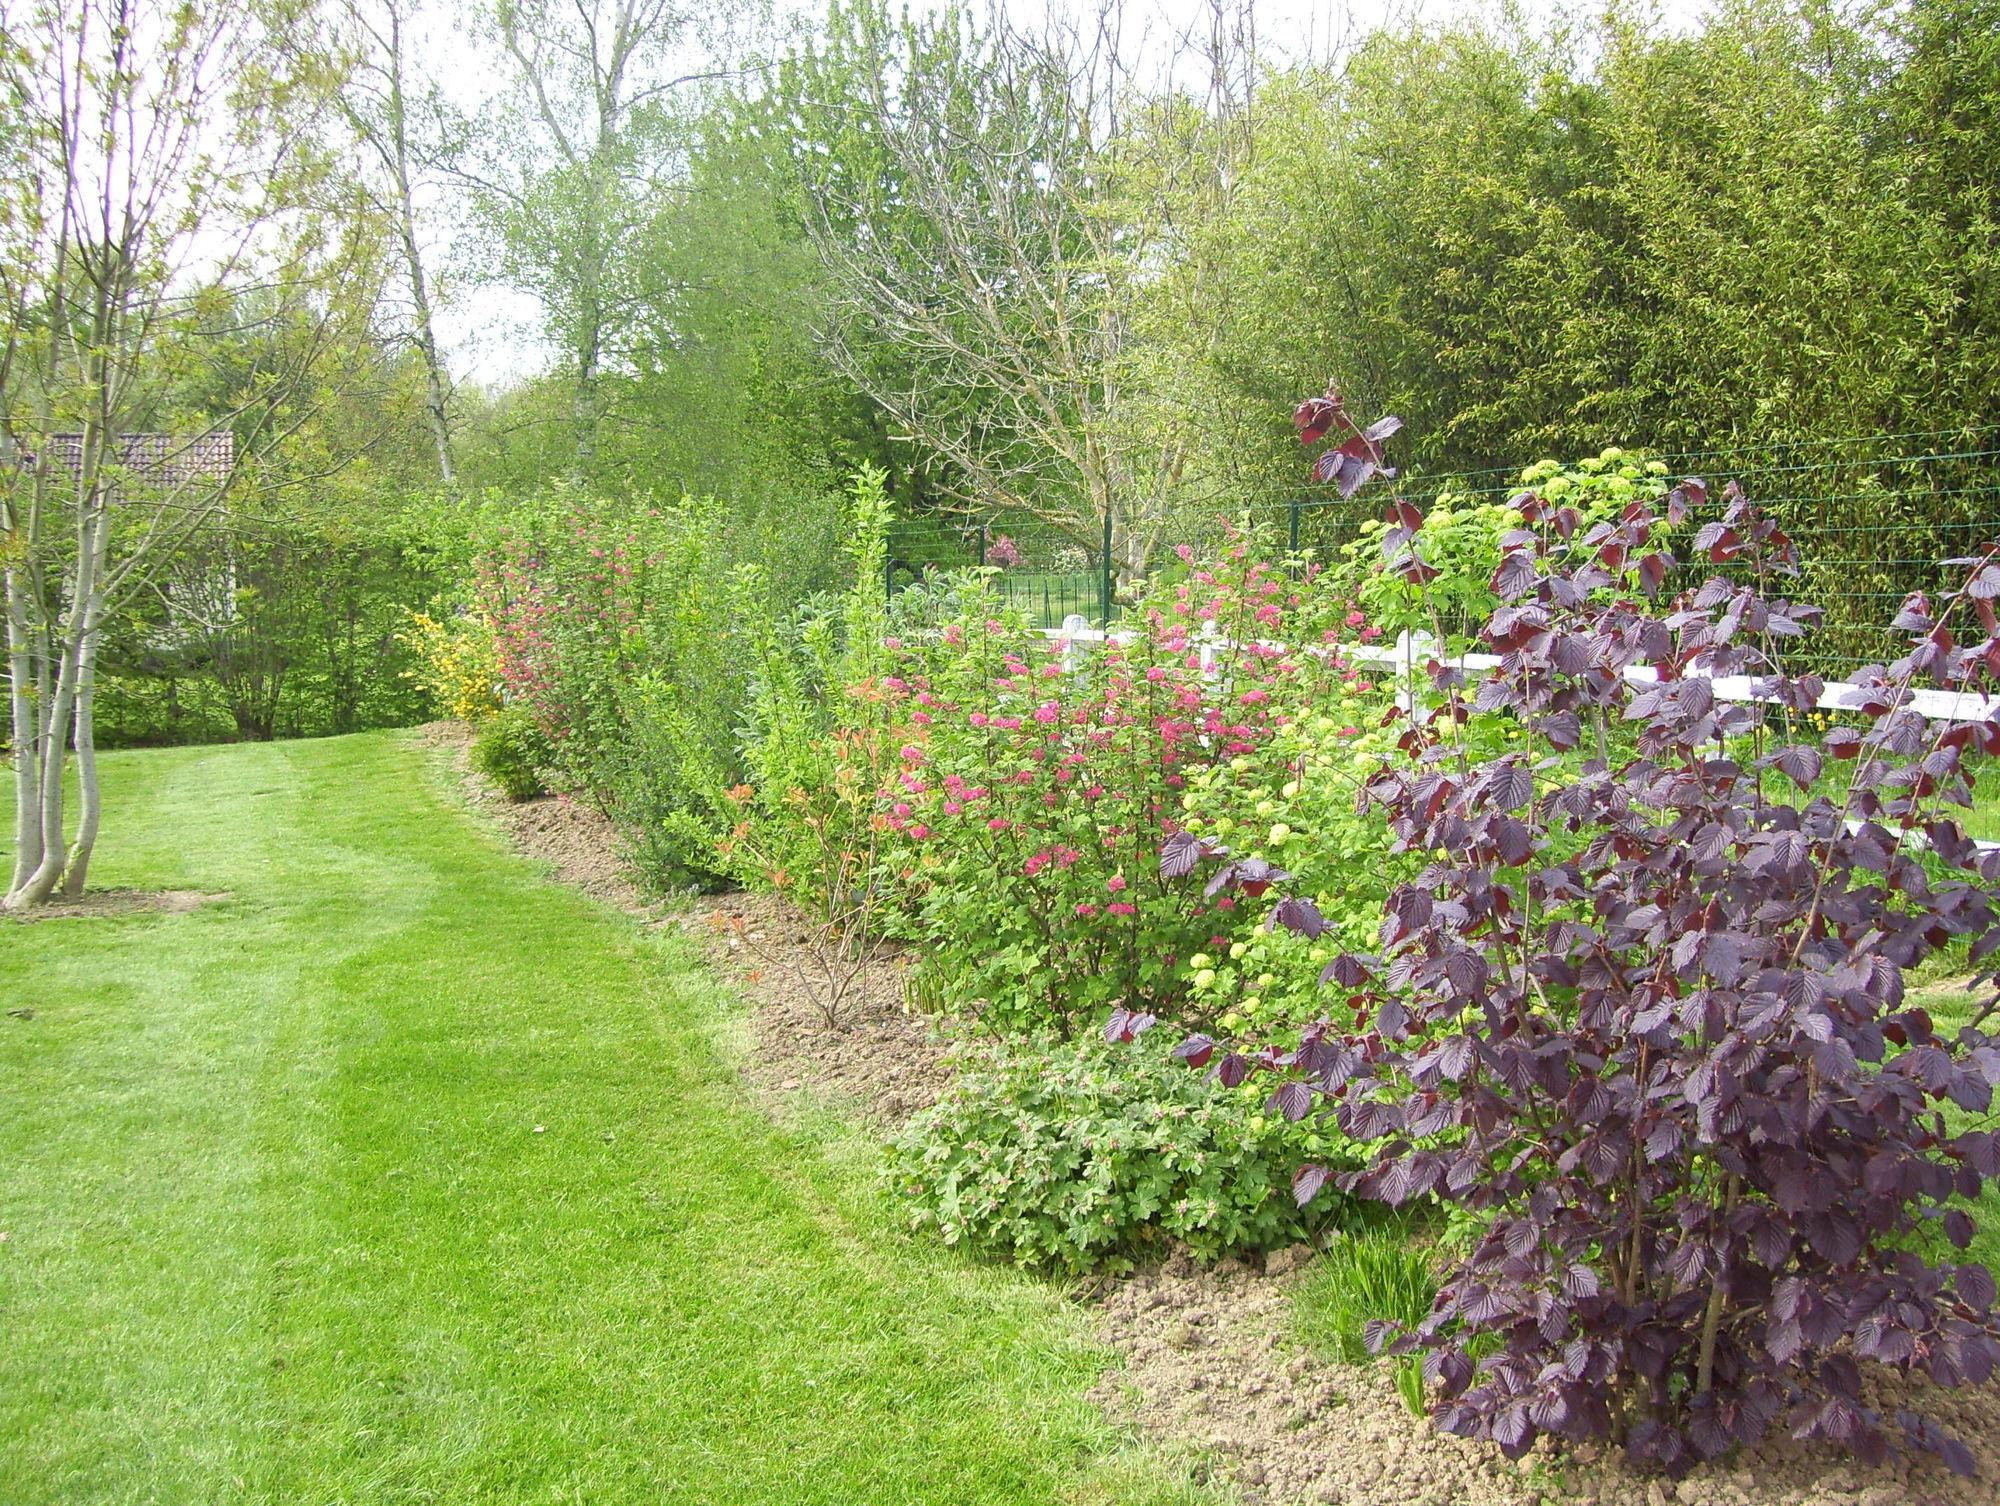 desherbant selectif pelouse trouvez le meilleur prix sur voir avant d 39 acheter. Black Bedroom Furniture Sets. Home Design Ideas